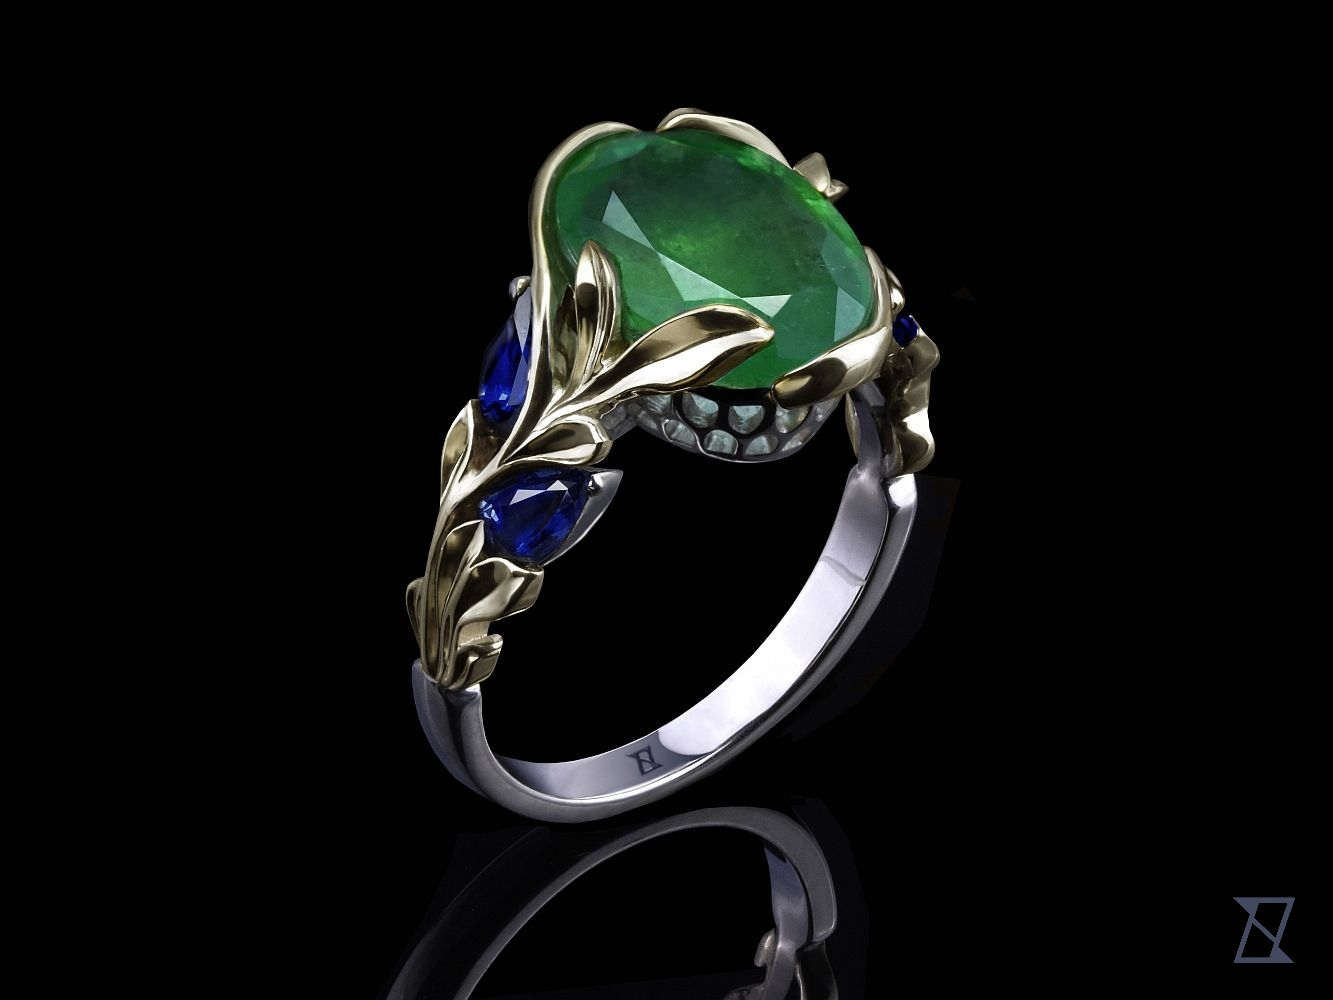 Roślinny pierścionek z dwukolorowego złota ze szmaragdem i szafirami